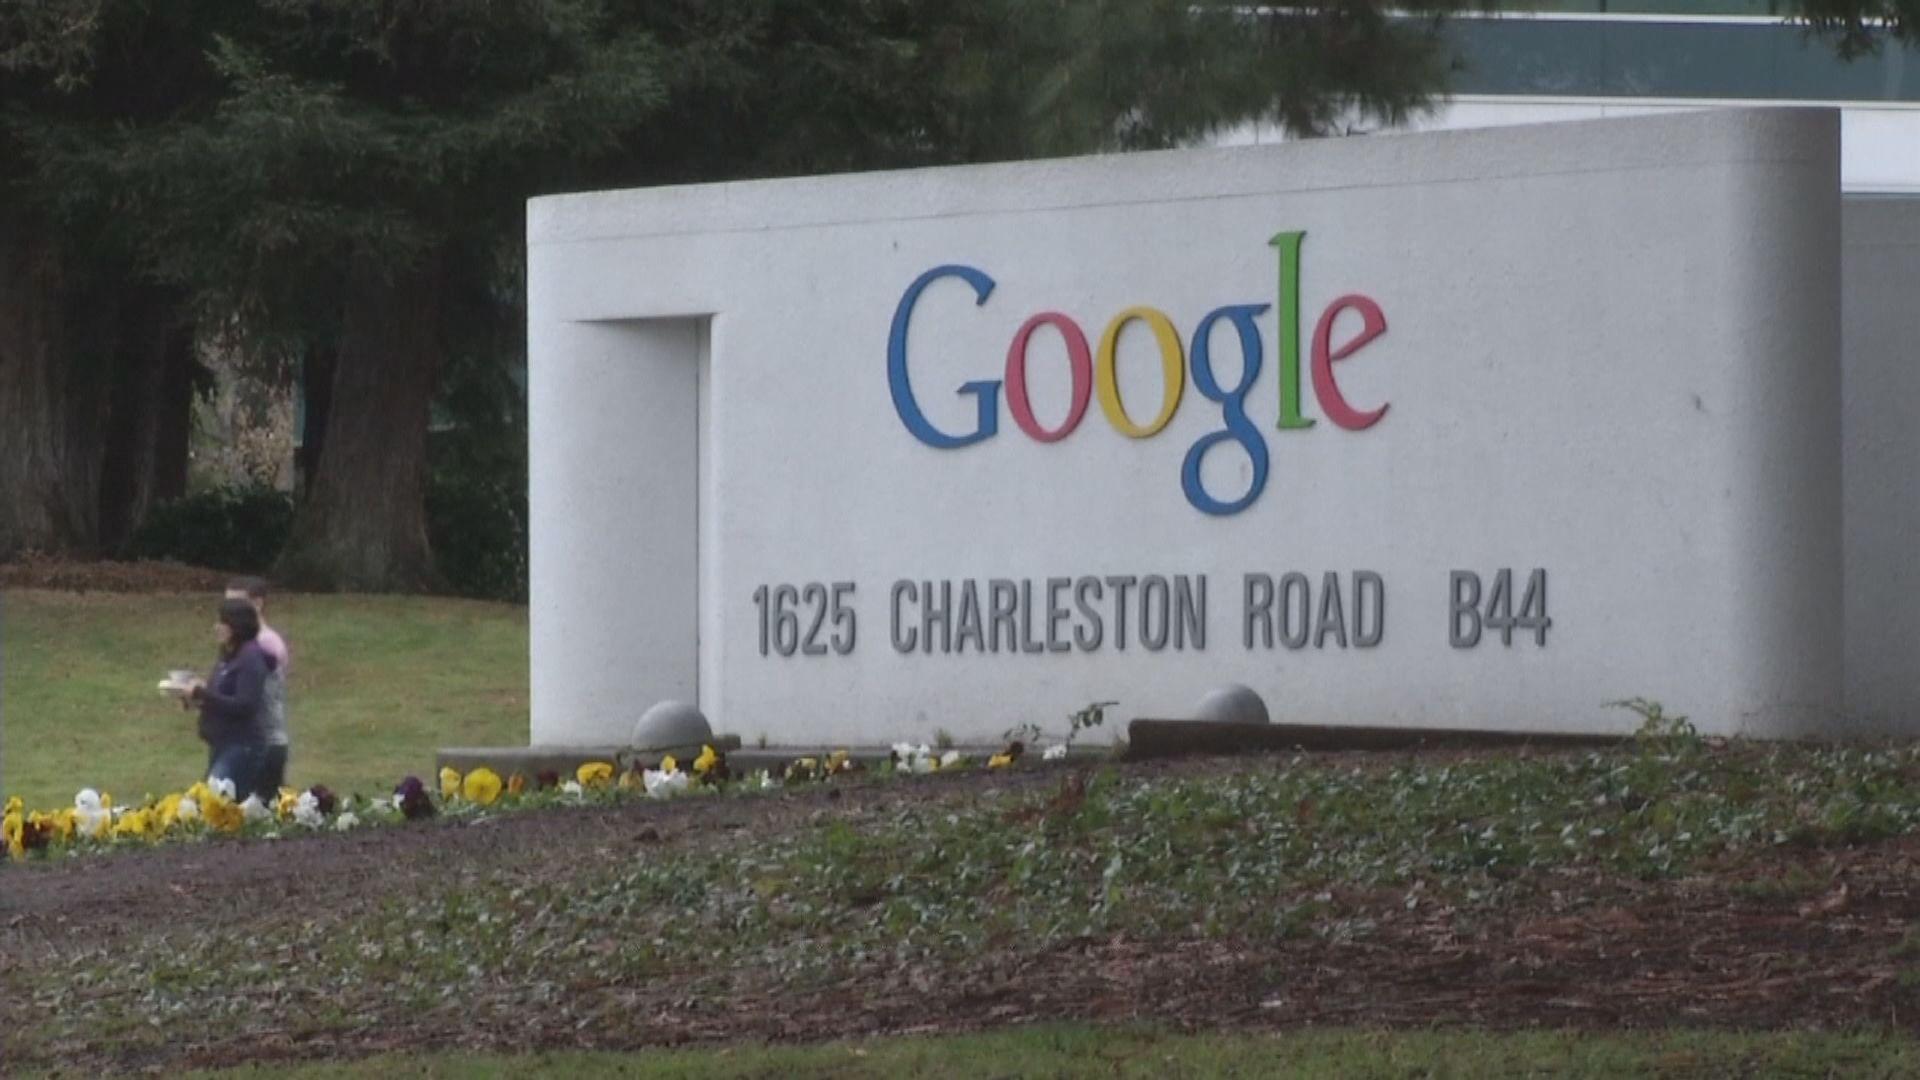 路透:中國擬對Google展開反壟斷調查